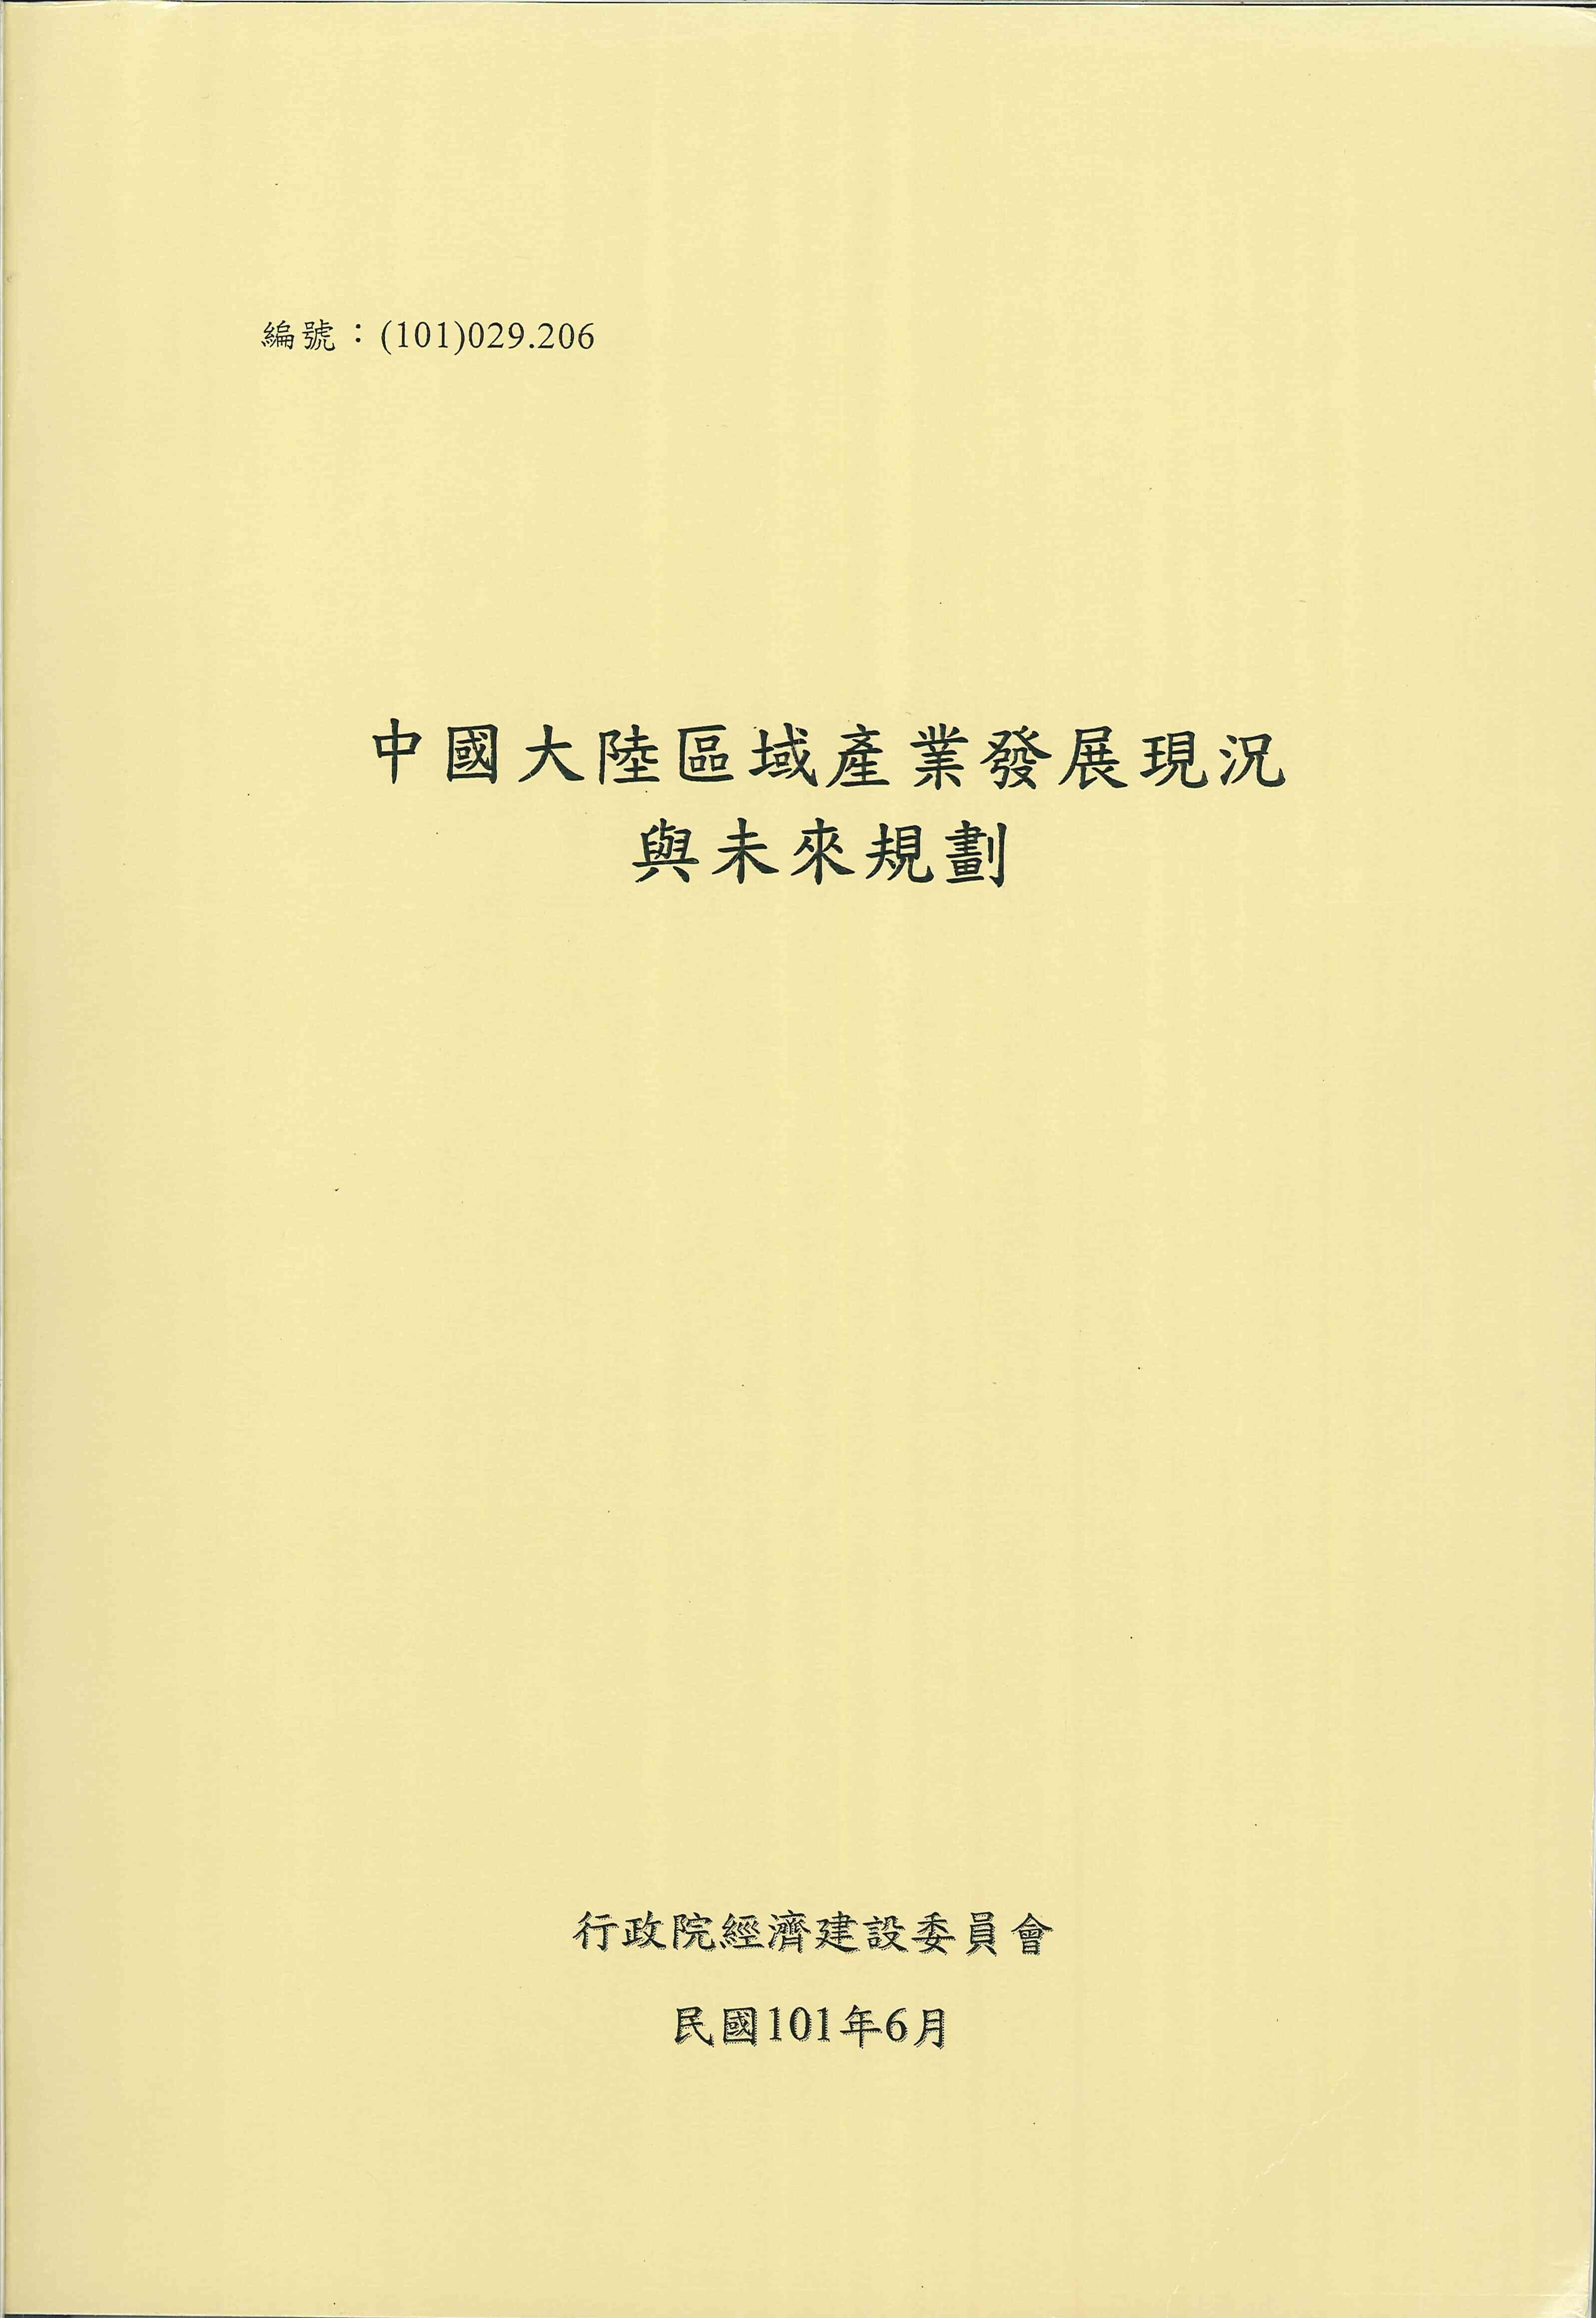 中國大陸區域產業發展現況與未來規劃